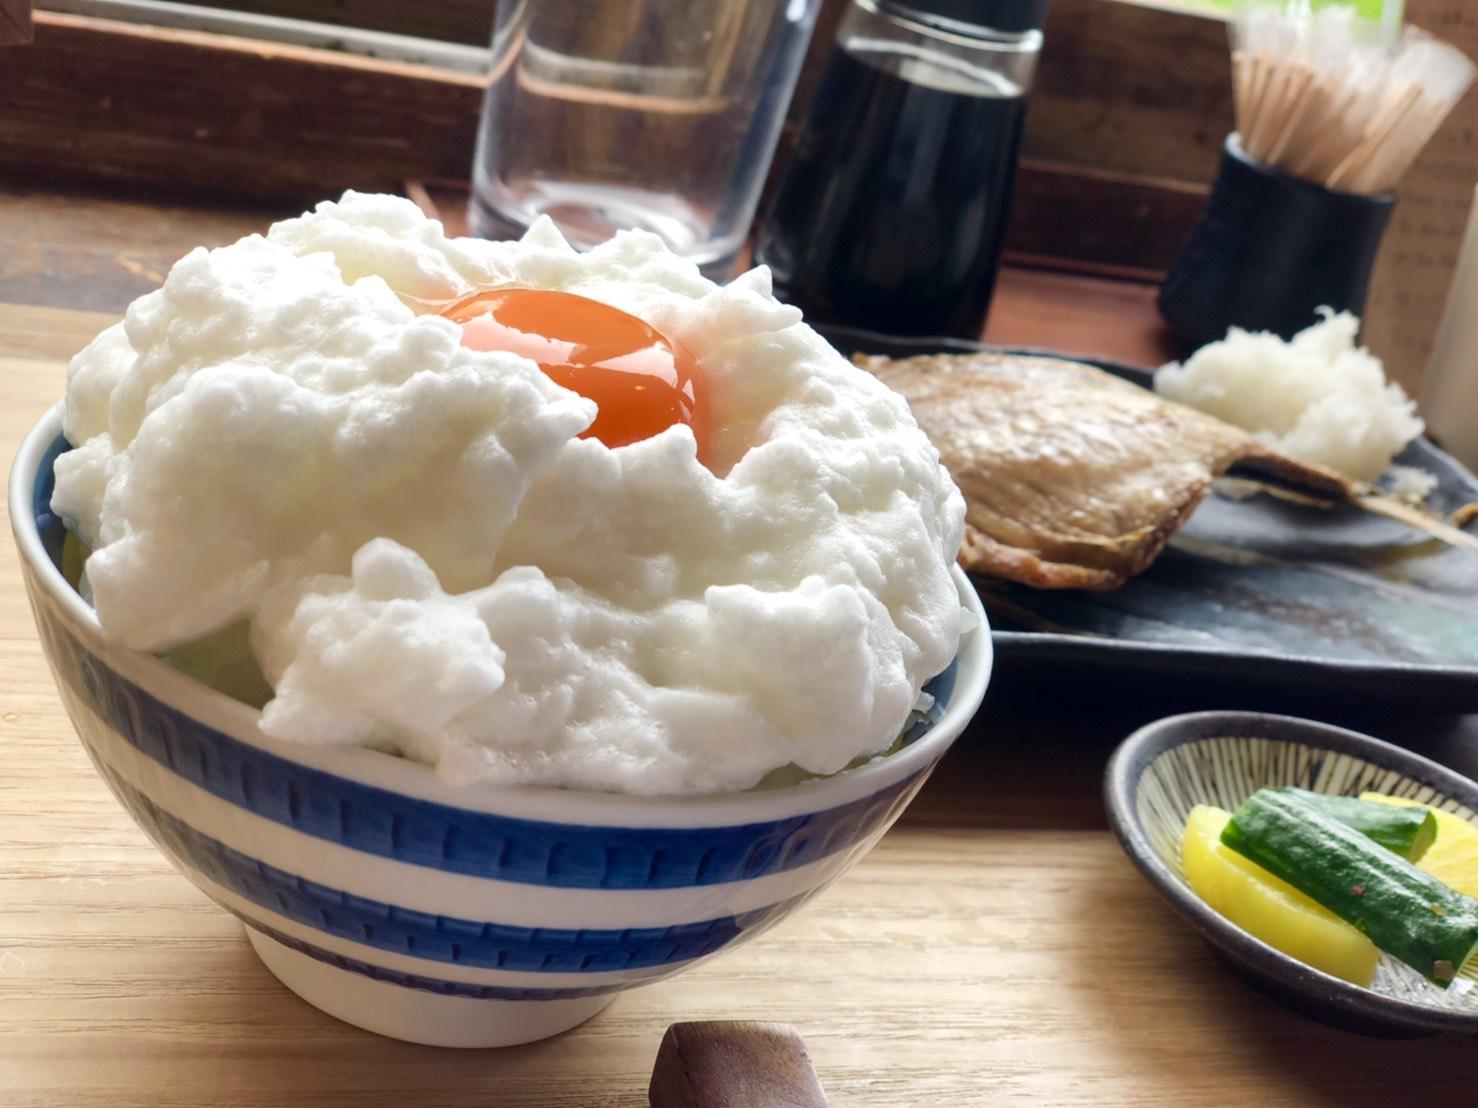 《最高の朝活》ふわふわの卵かけご飯✨鎌倉にあるおしゃれカフェ【ヨリドコロ】_1